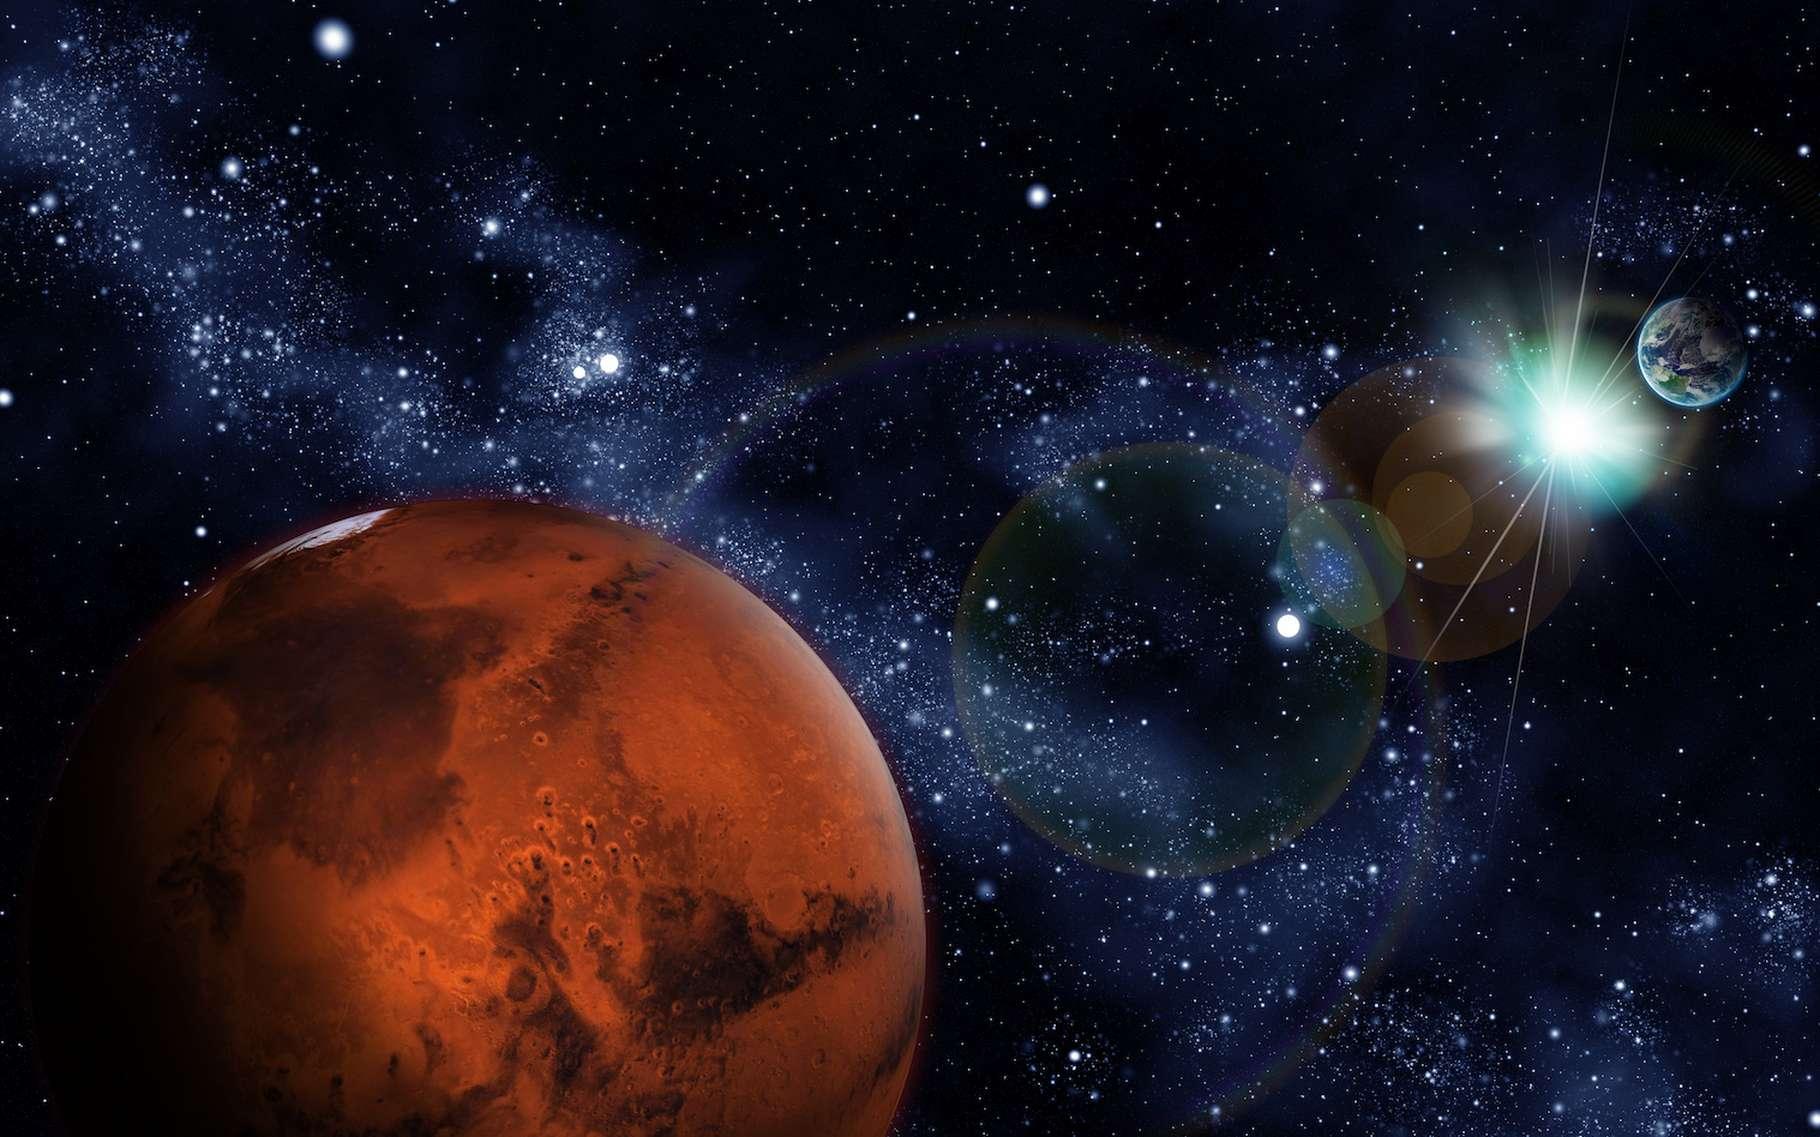 Bientôt, la Terre et Mars se retrouveront de part et d'autre du Soleil. Un moment délicat pour les missions martiennes, un peu coupé du contact avec les ingénieurs qui les opèrent. © Tjefferson, Adobe Stock